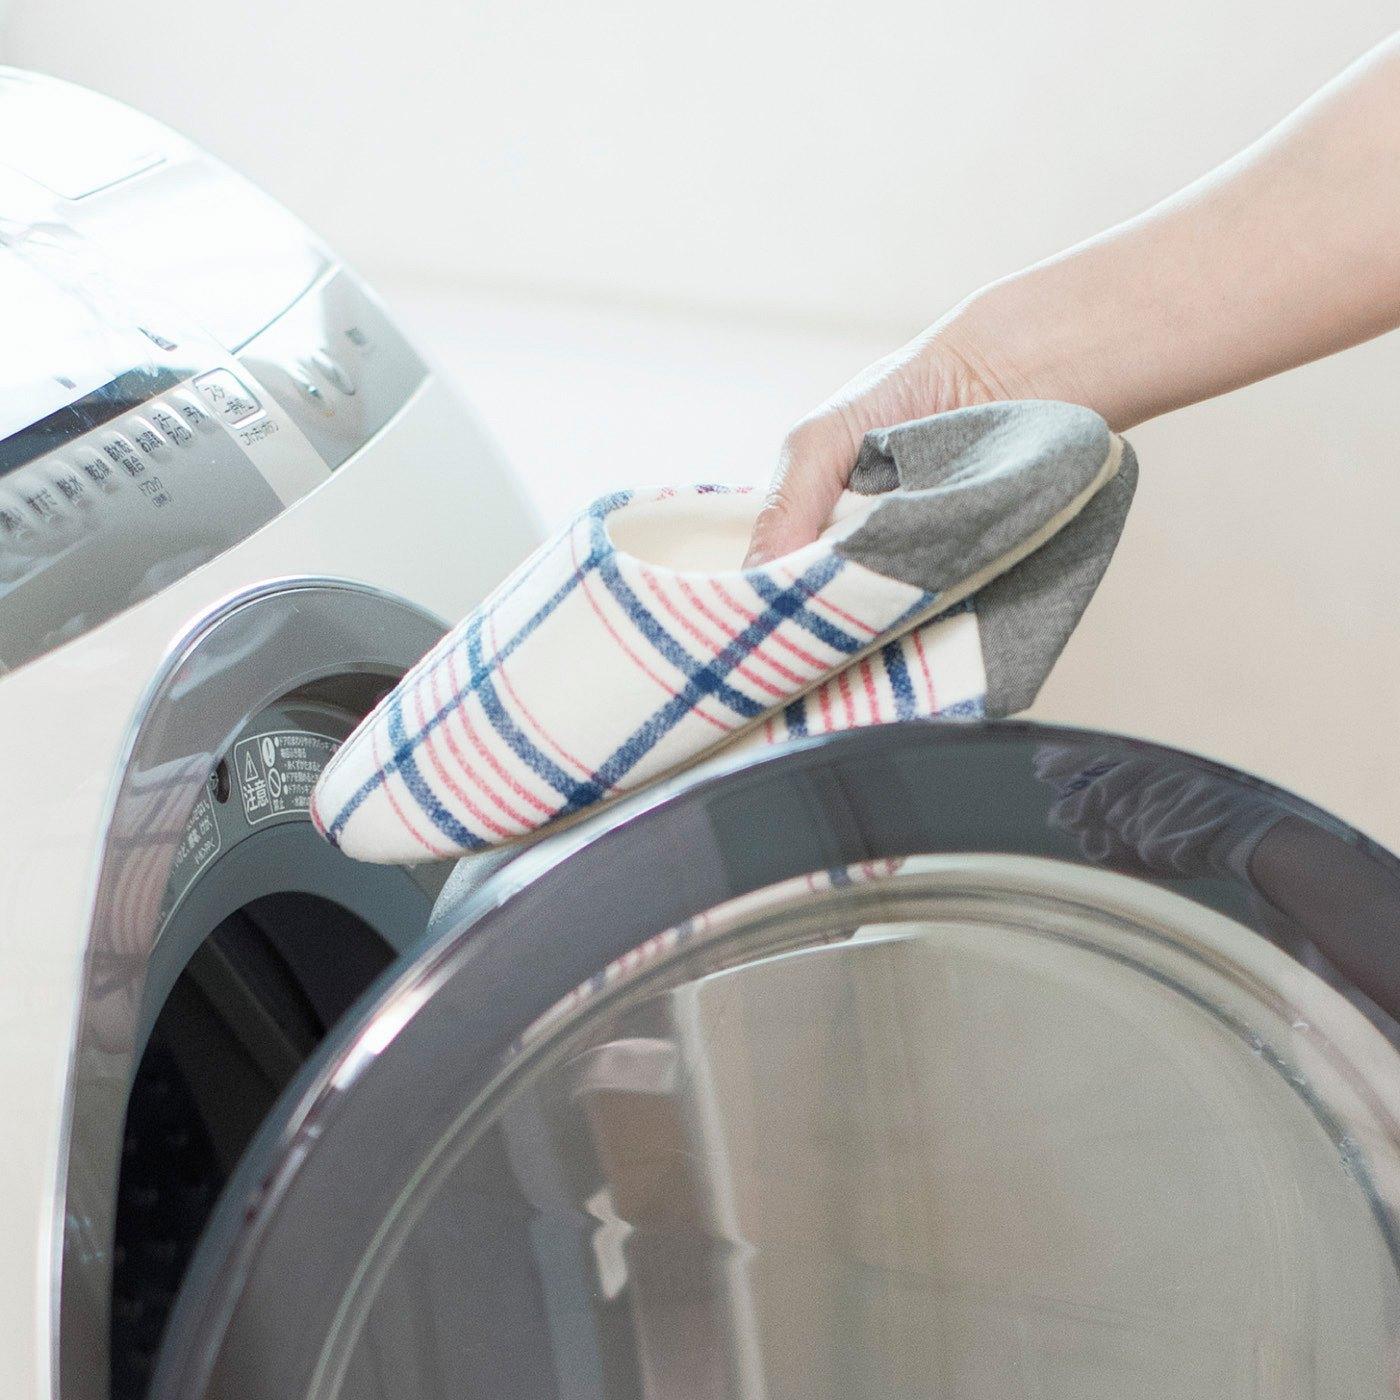 洗濯機で丸洗いできるのでいつでも清潔。ネットに入れる必要もなし。